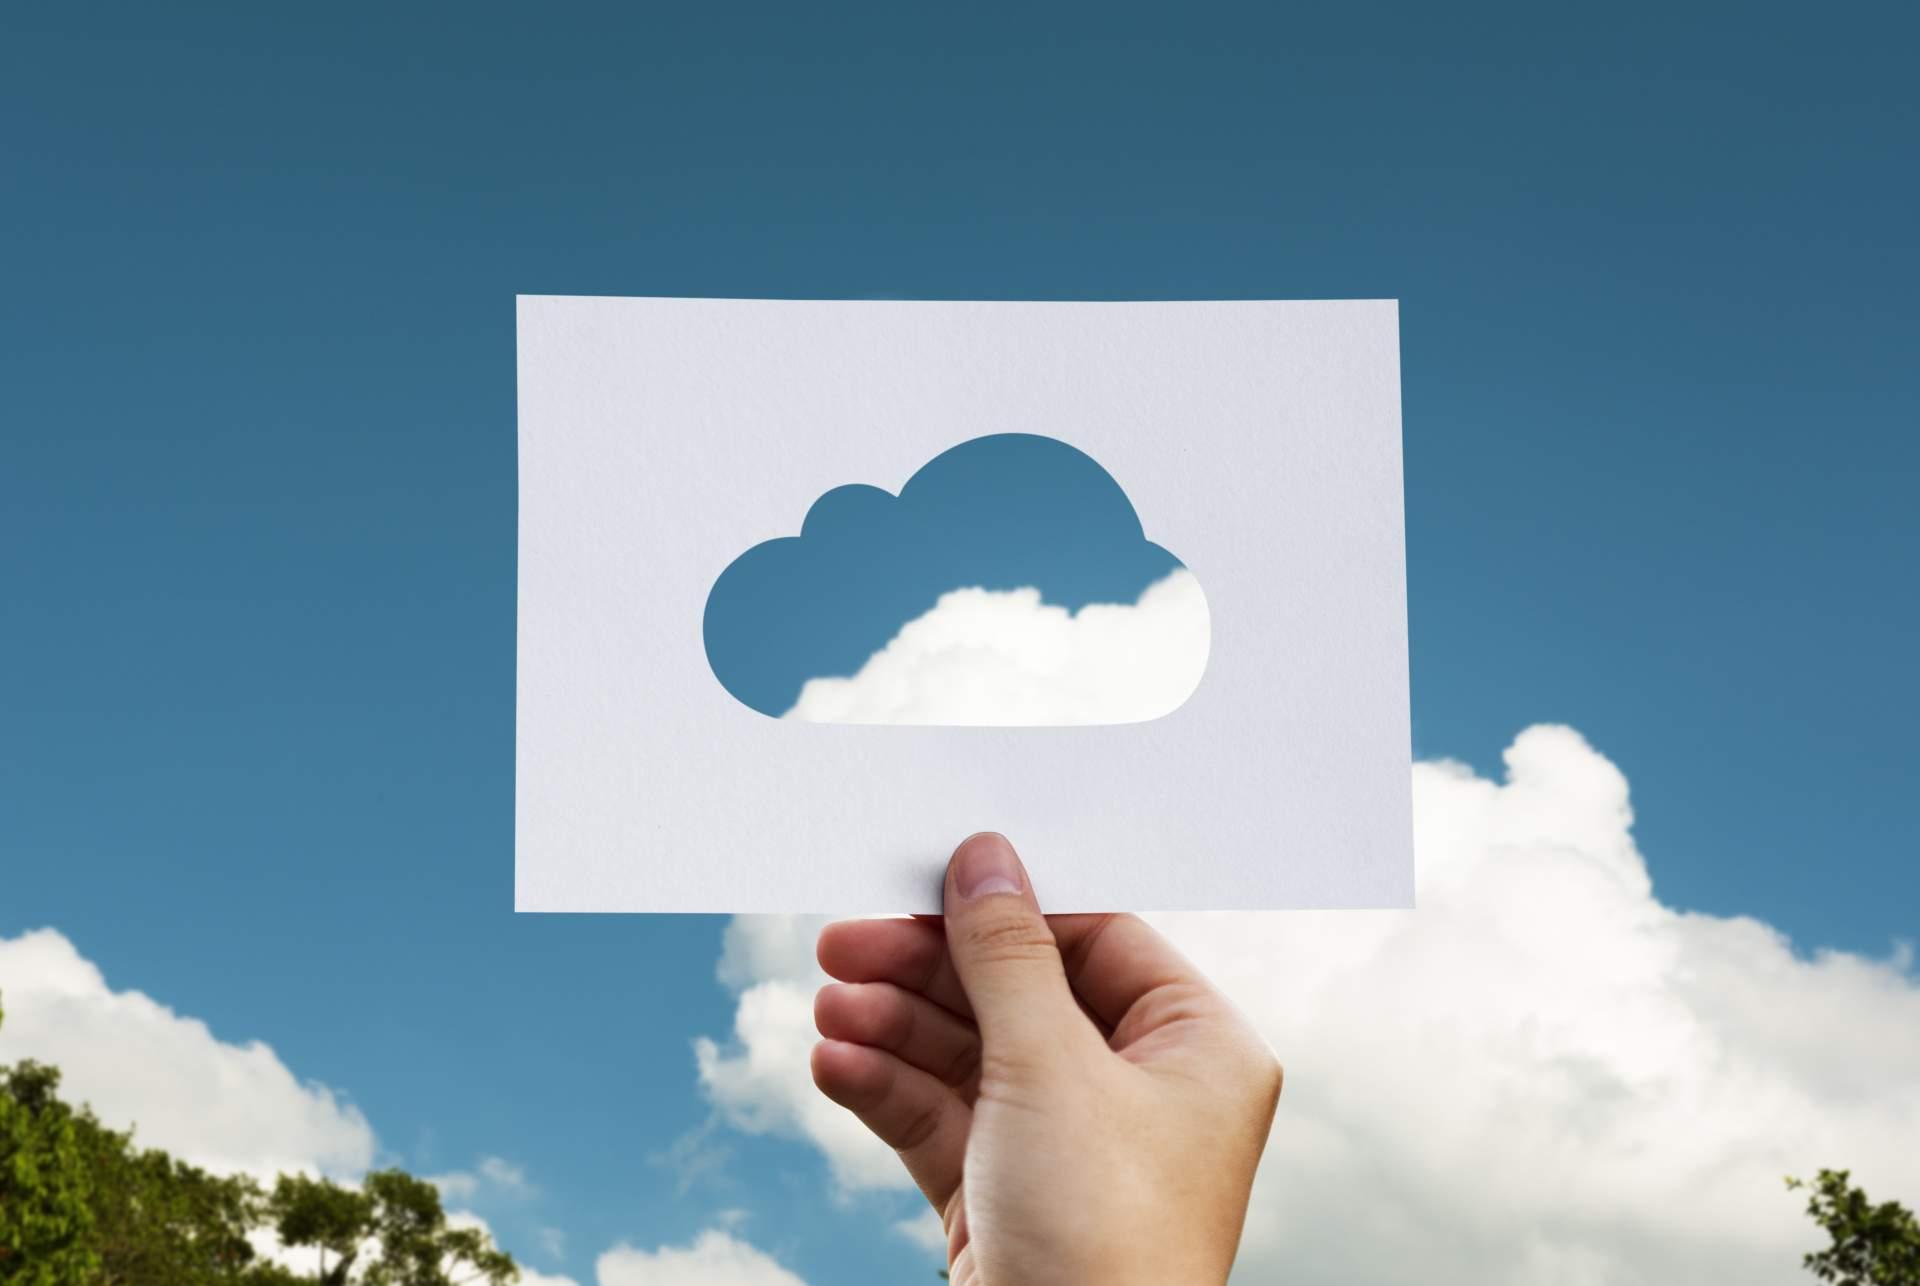 Die Cloud ist super für Foto-Backups. Kann aber im Urlaub lästig sein.